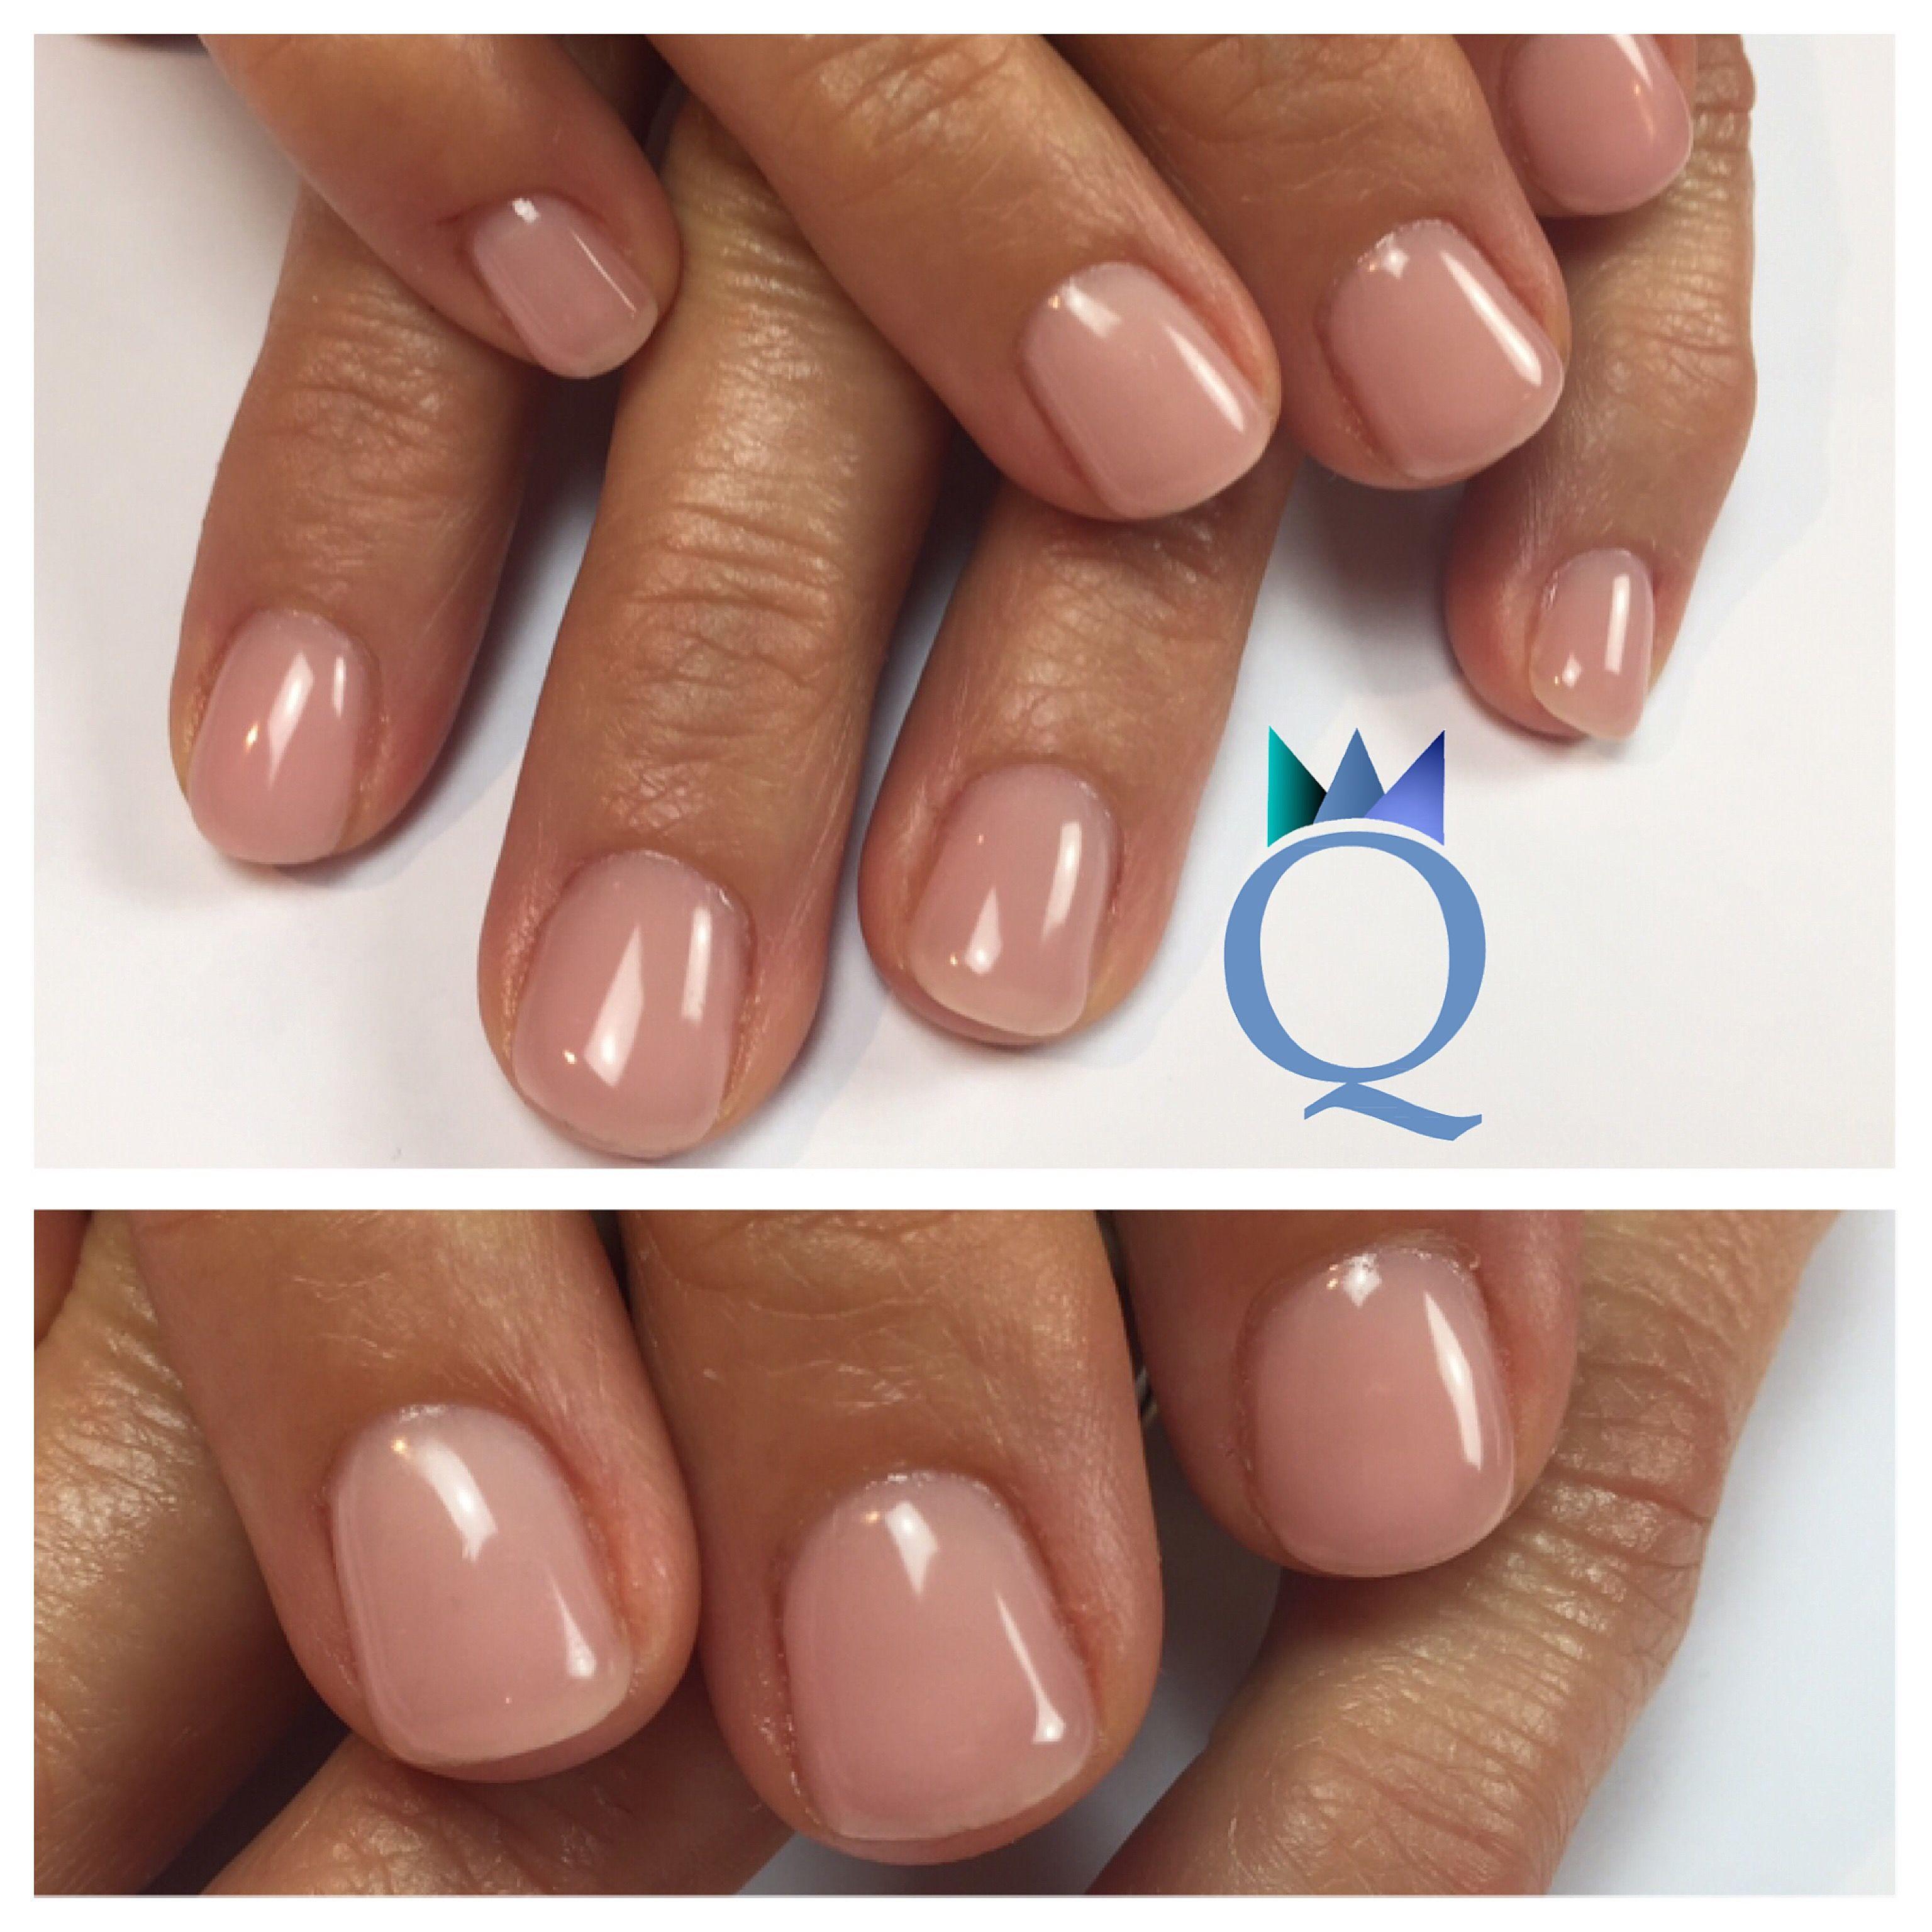 shortnails #gelnails #nails #nude #natural #yvesswiss #kurzenägel ...